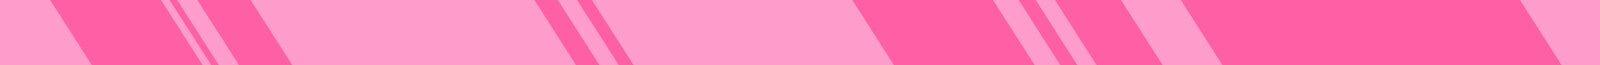 Розовая лента, международный символ осведомленности рака молочной железы Стоковые Изображения RF